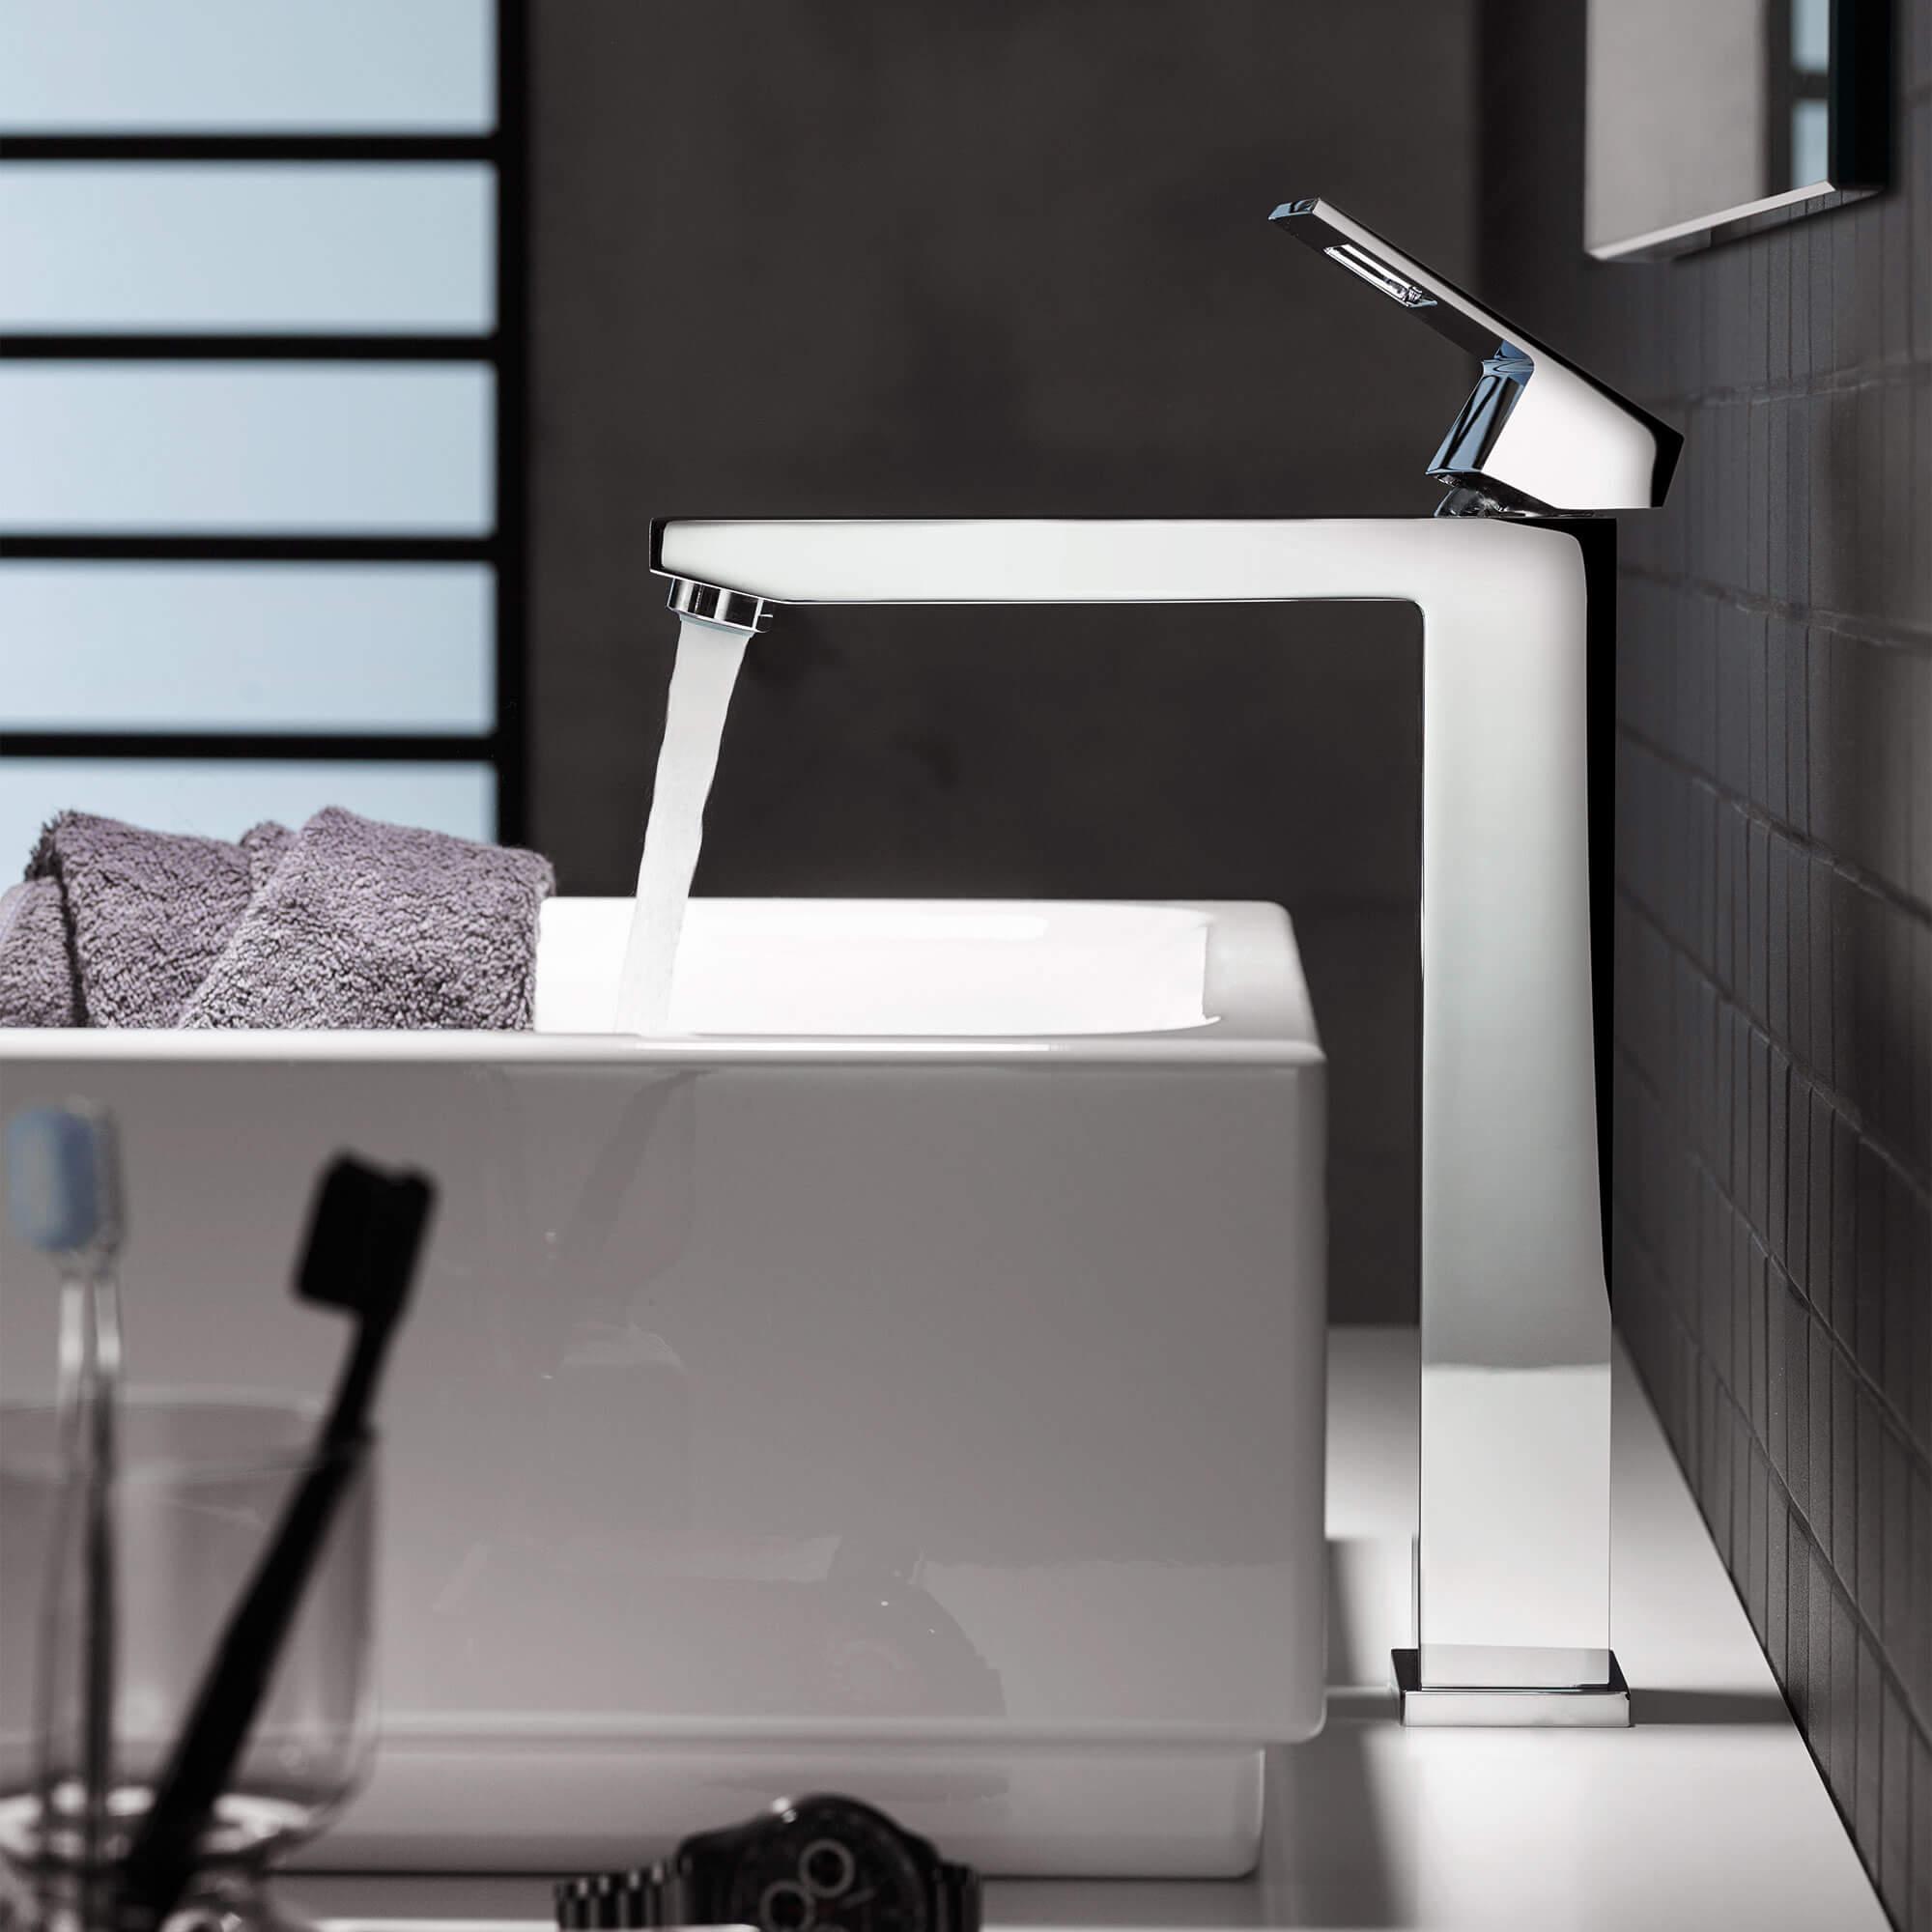 Le robinet Eurocube pulvérise de l'eau dans un évier blanc.